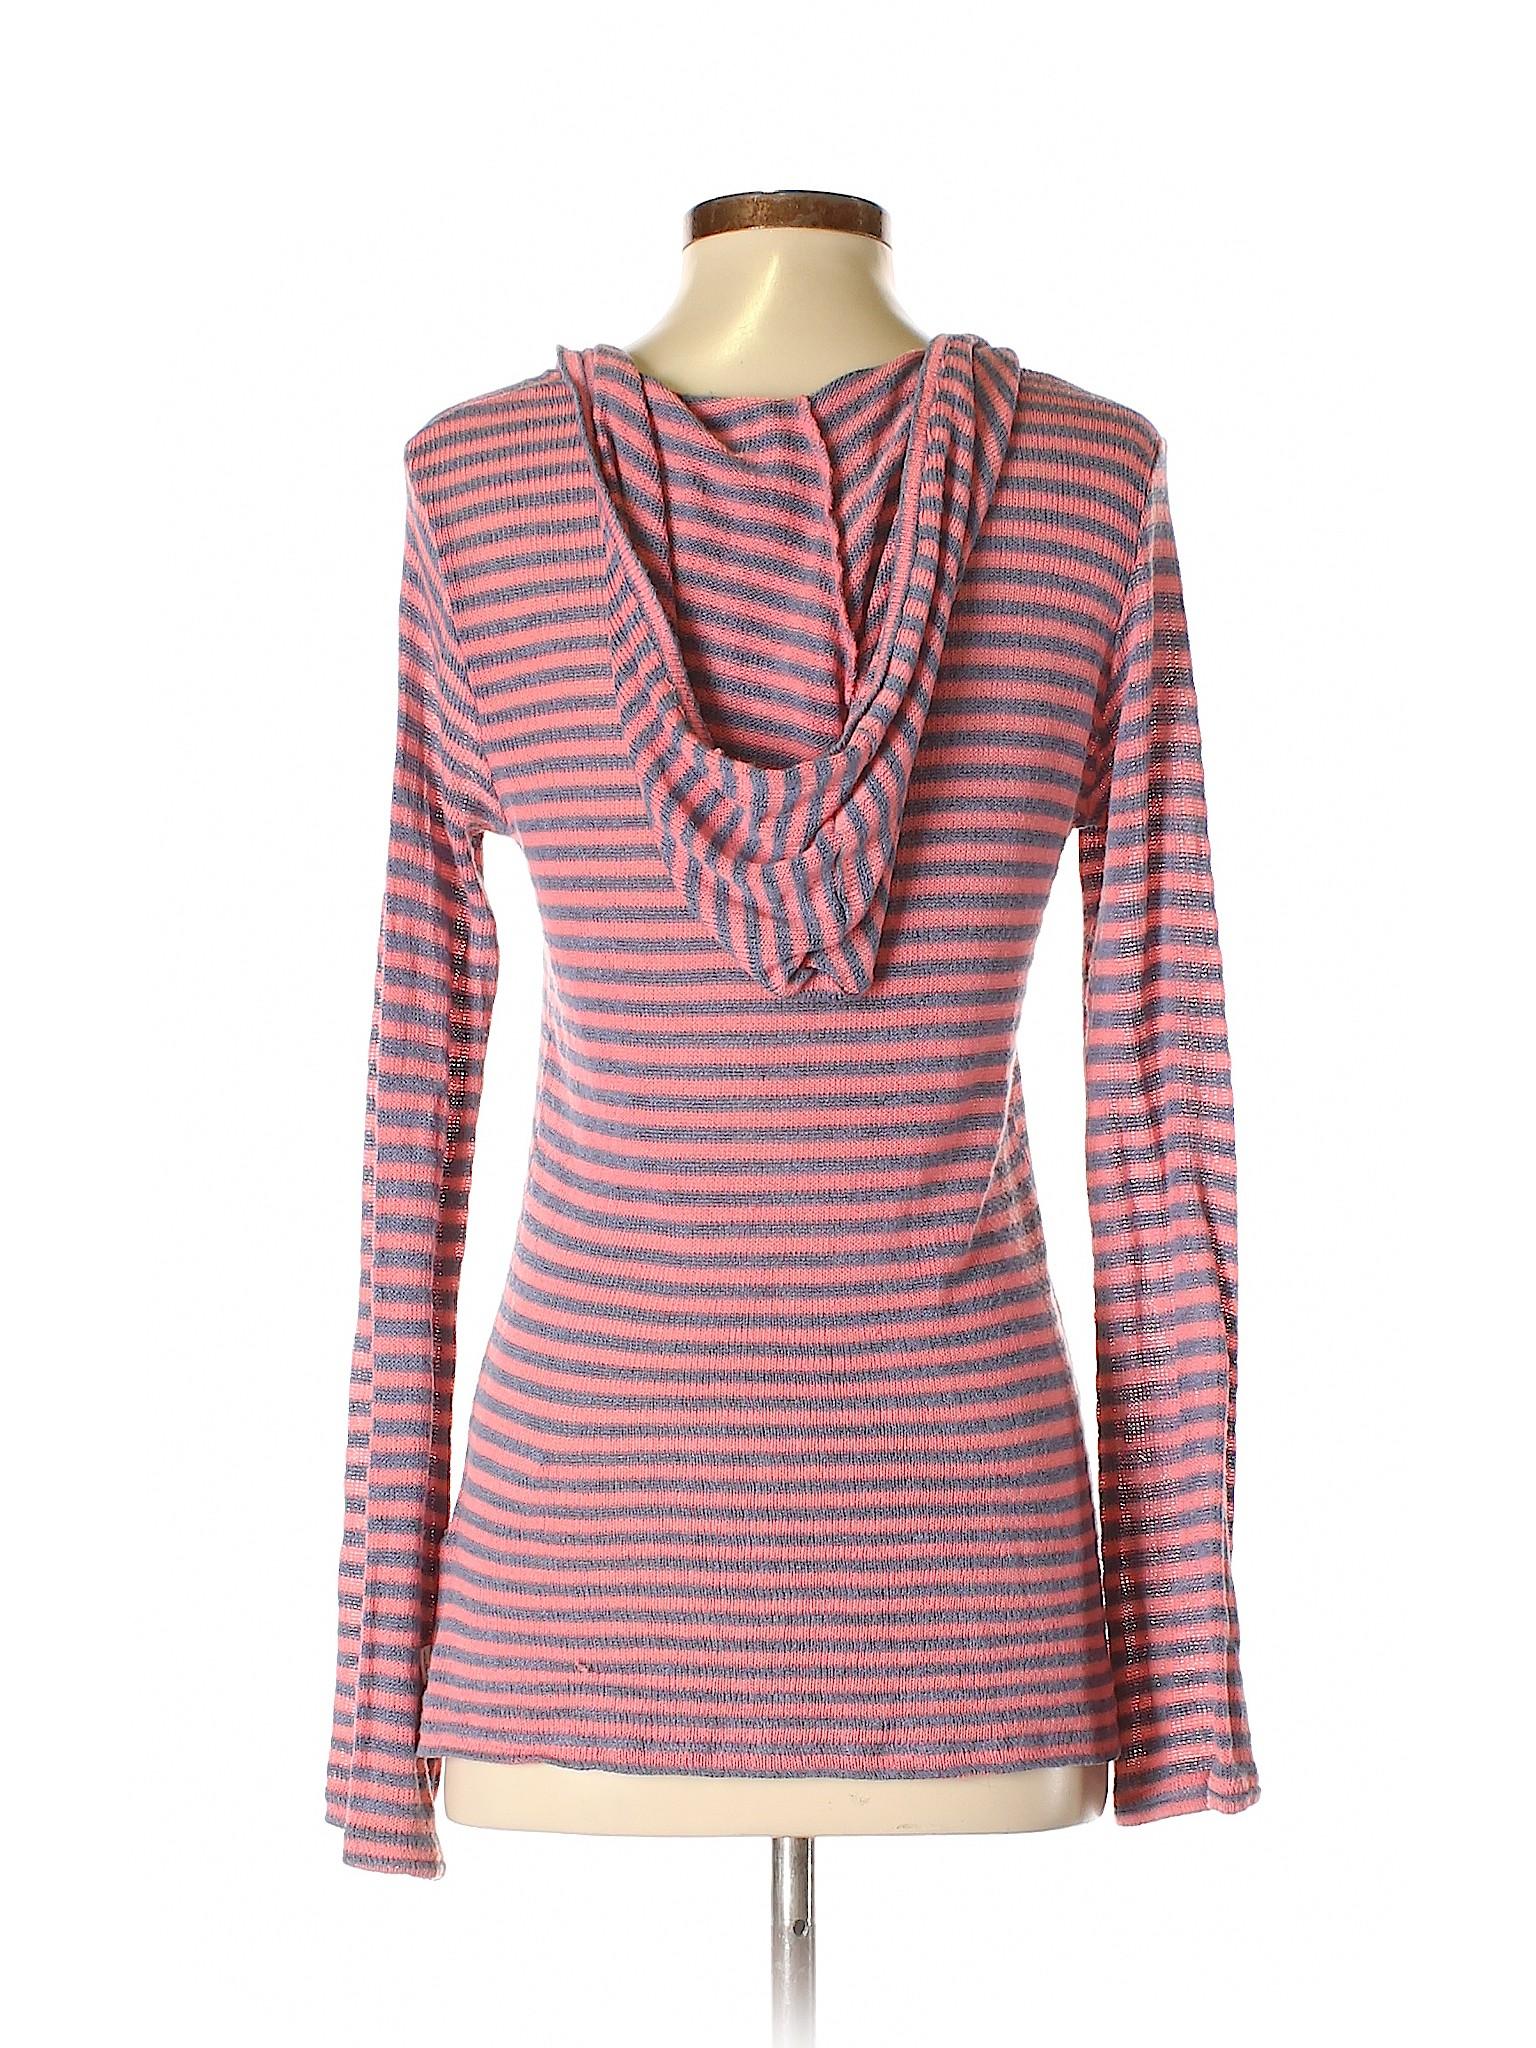 Sweater Volcom Pullover Sweater Volcom Pullover Boutique Pullover Boutique Sweater Boutique Volcom wgZpIqI